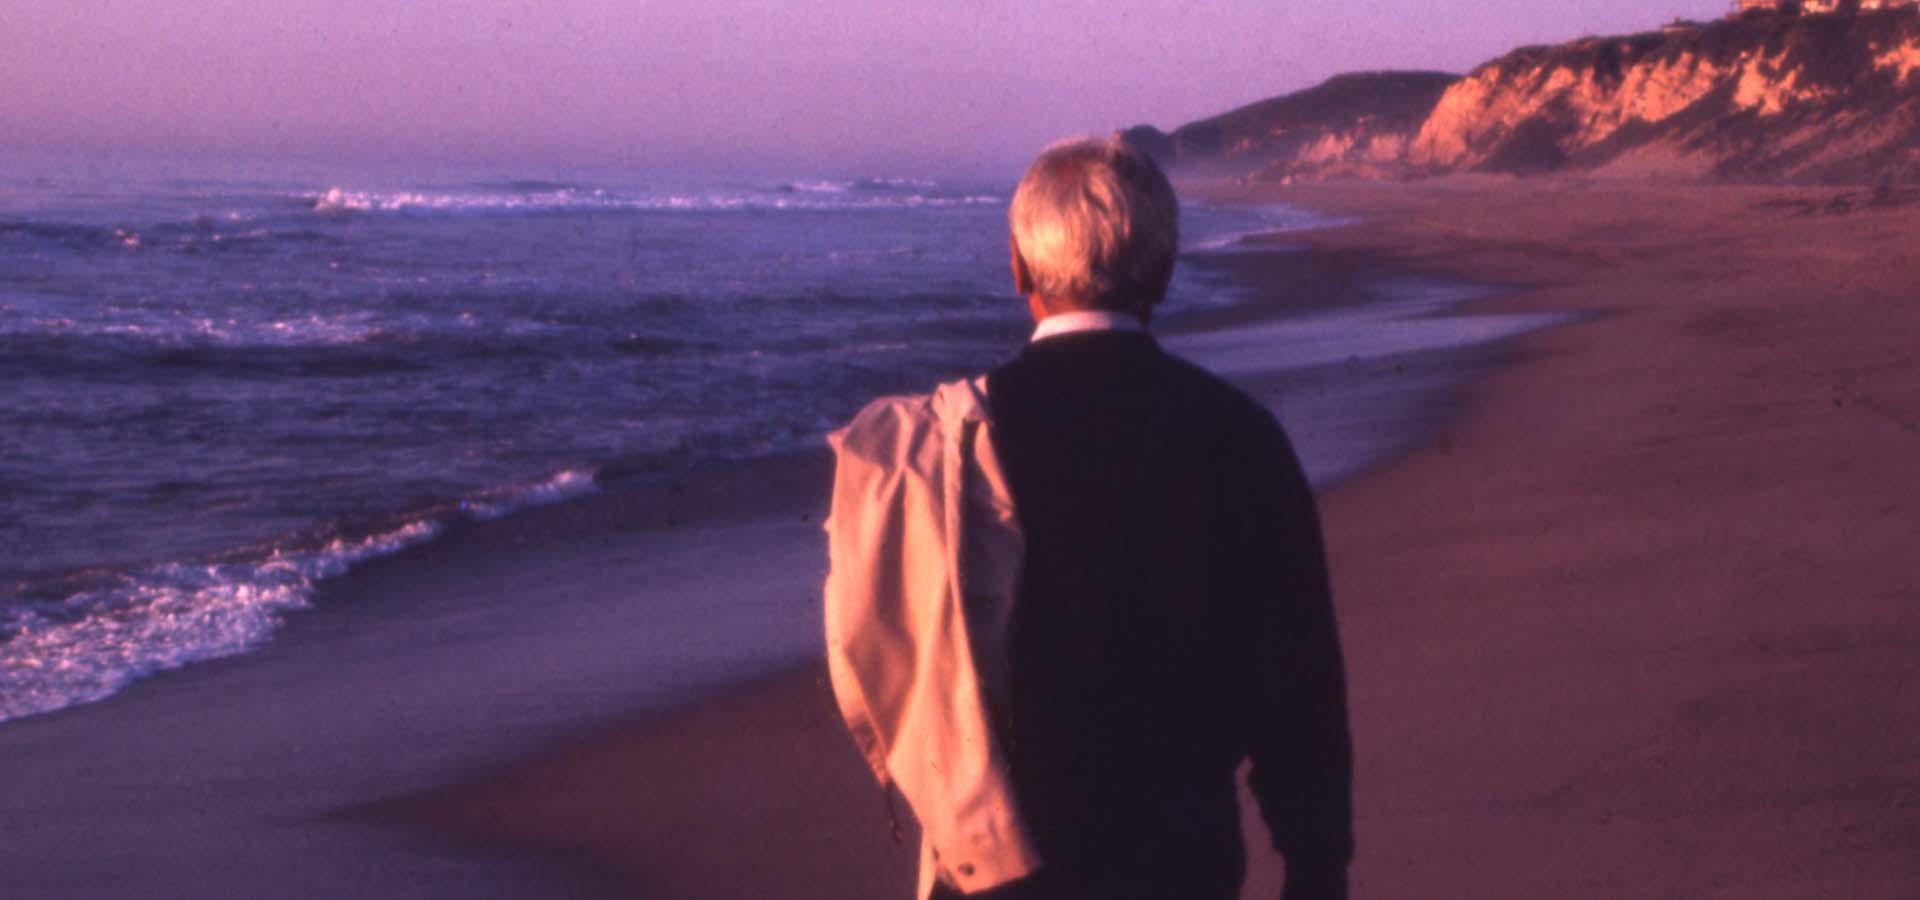 Jiddu Krishnamurti - Να είσαι πολύ μακριά… - Η Αναζήτηση της Αλήθειας